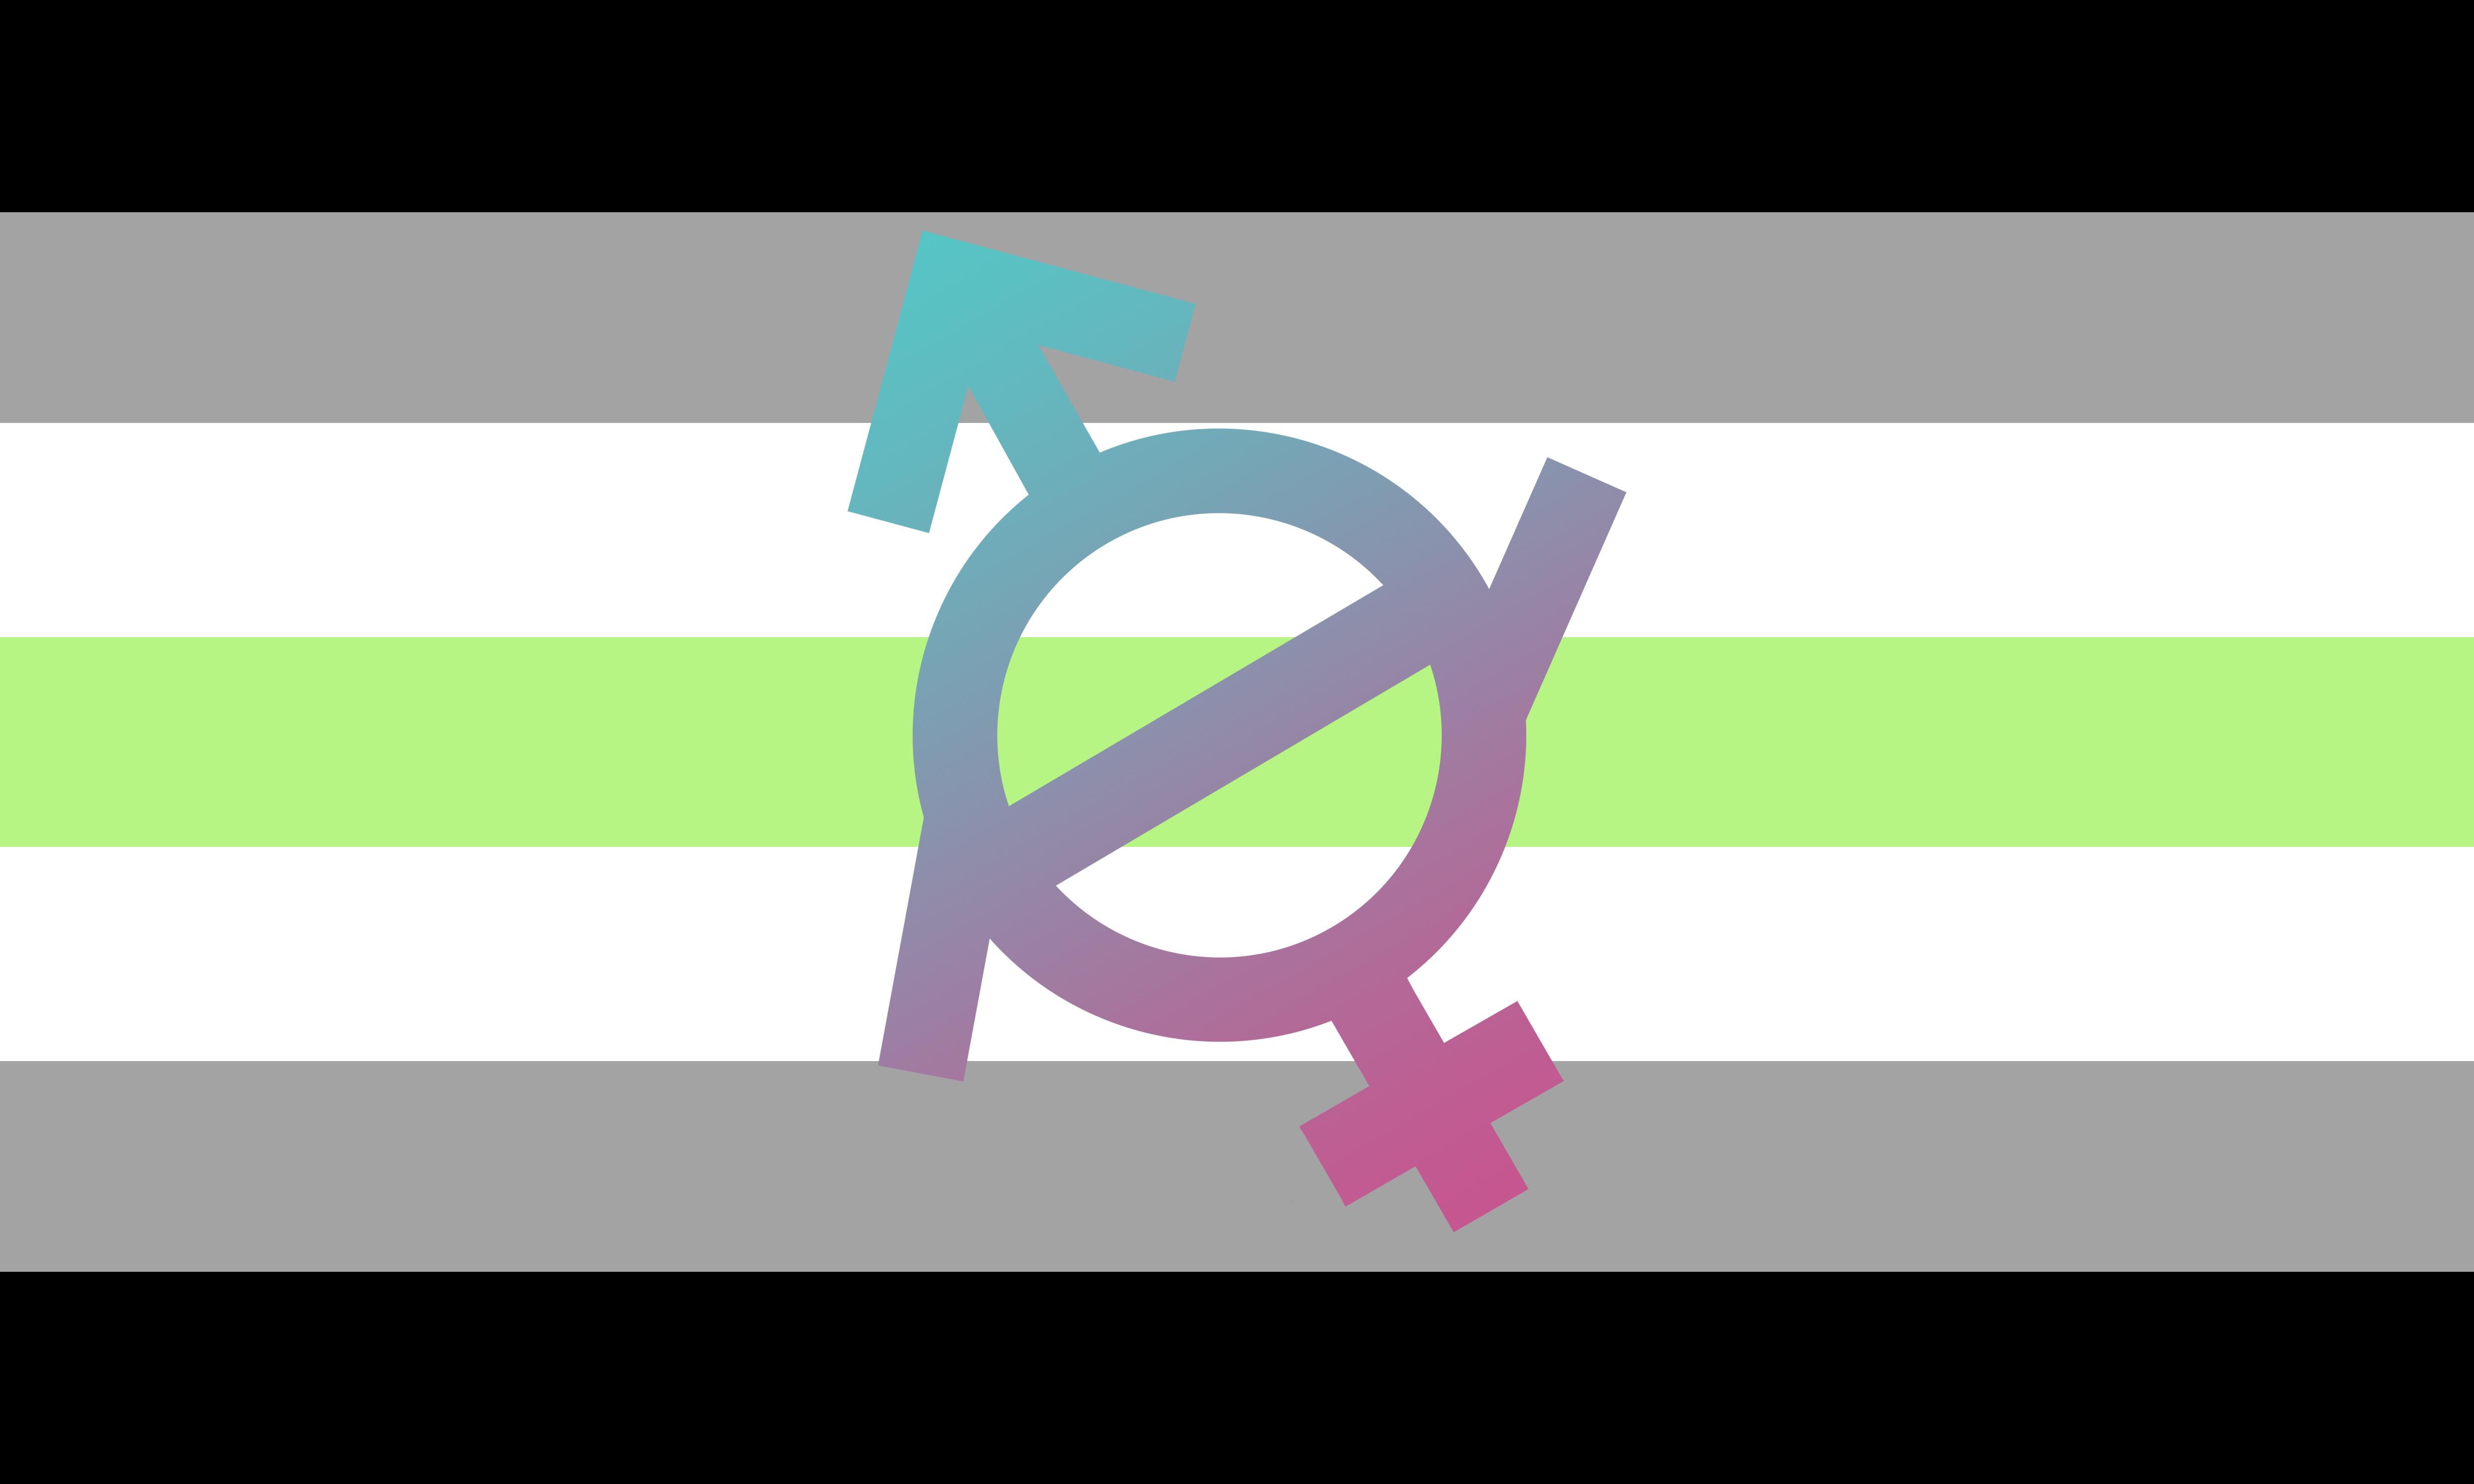 Librafluid / Agenderflux (4) by Pride-Flags